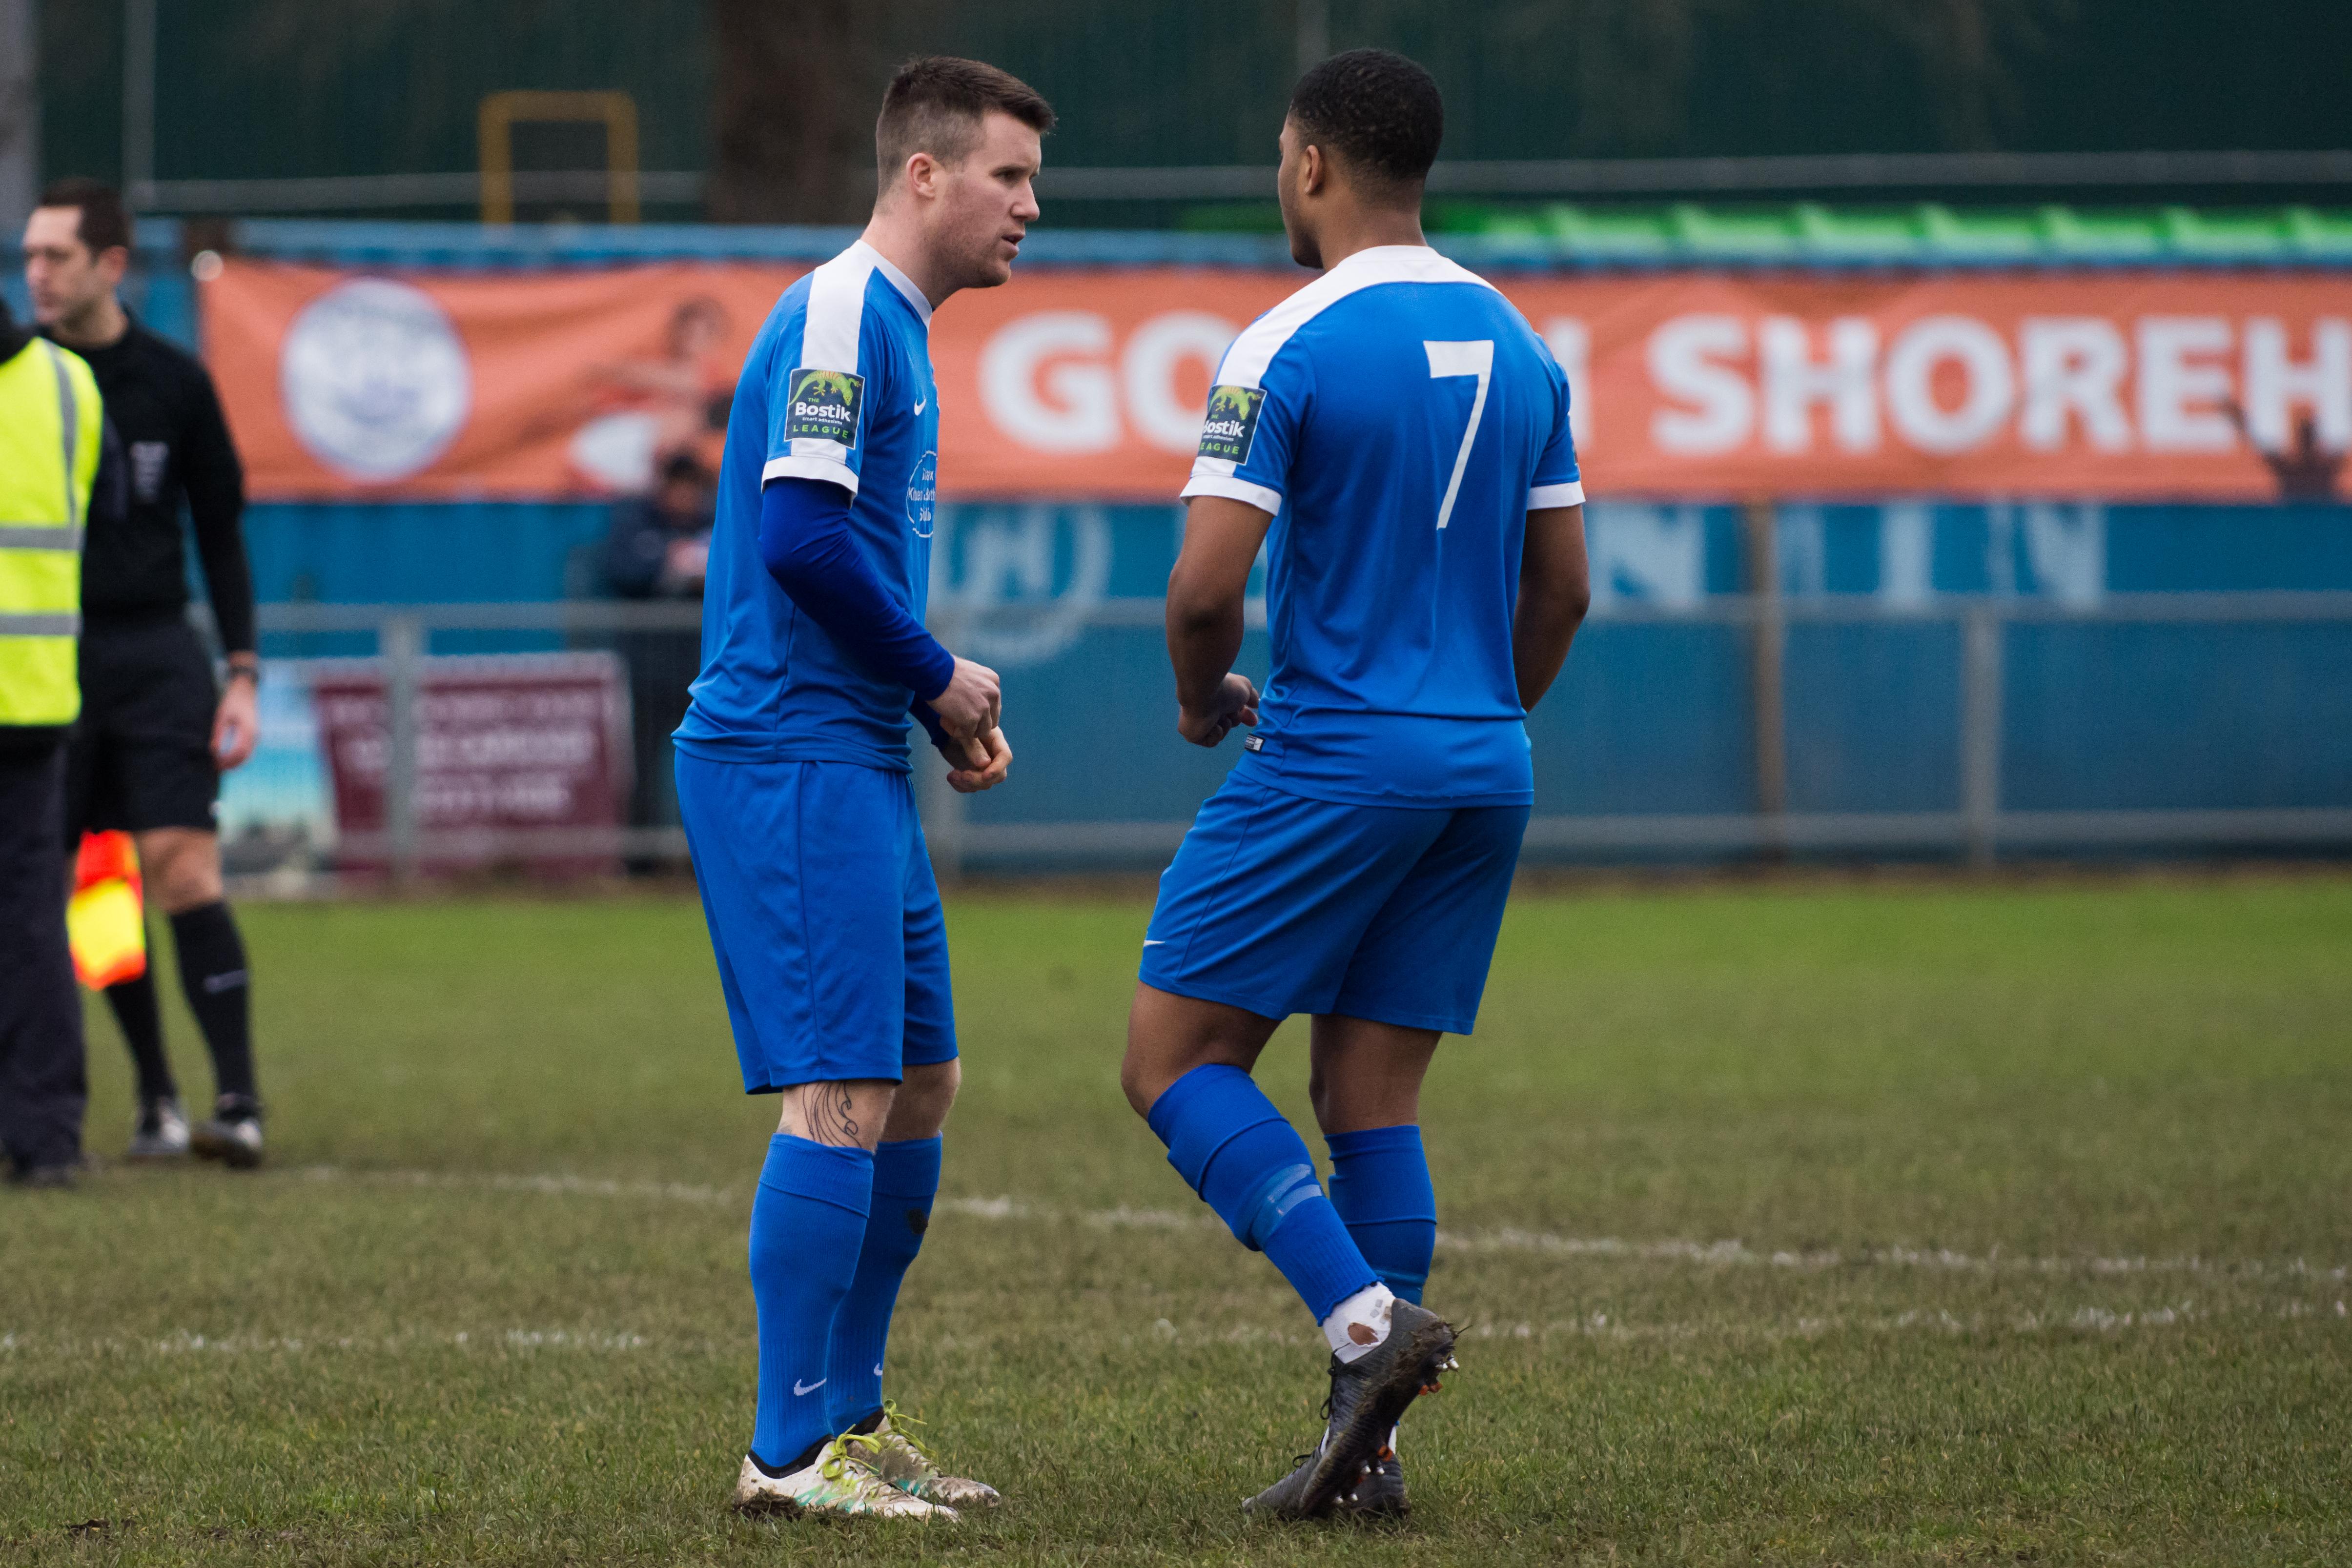 Shoreham FC vs Carshalton Ath 23.12.17 42